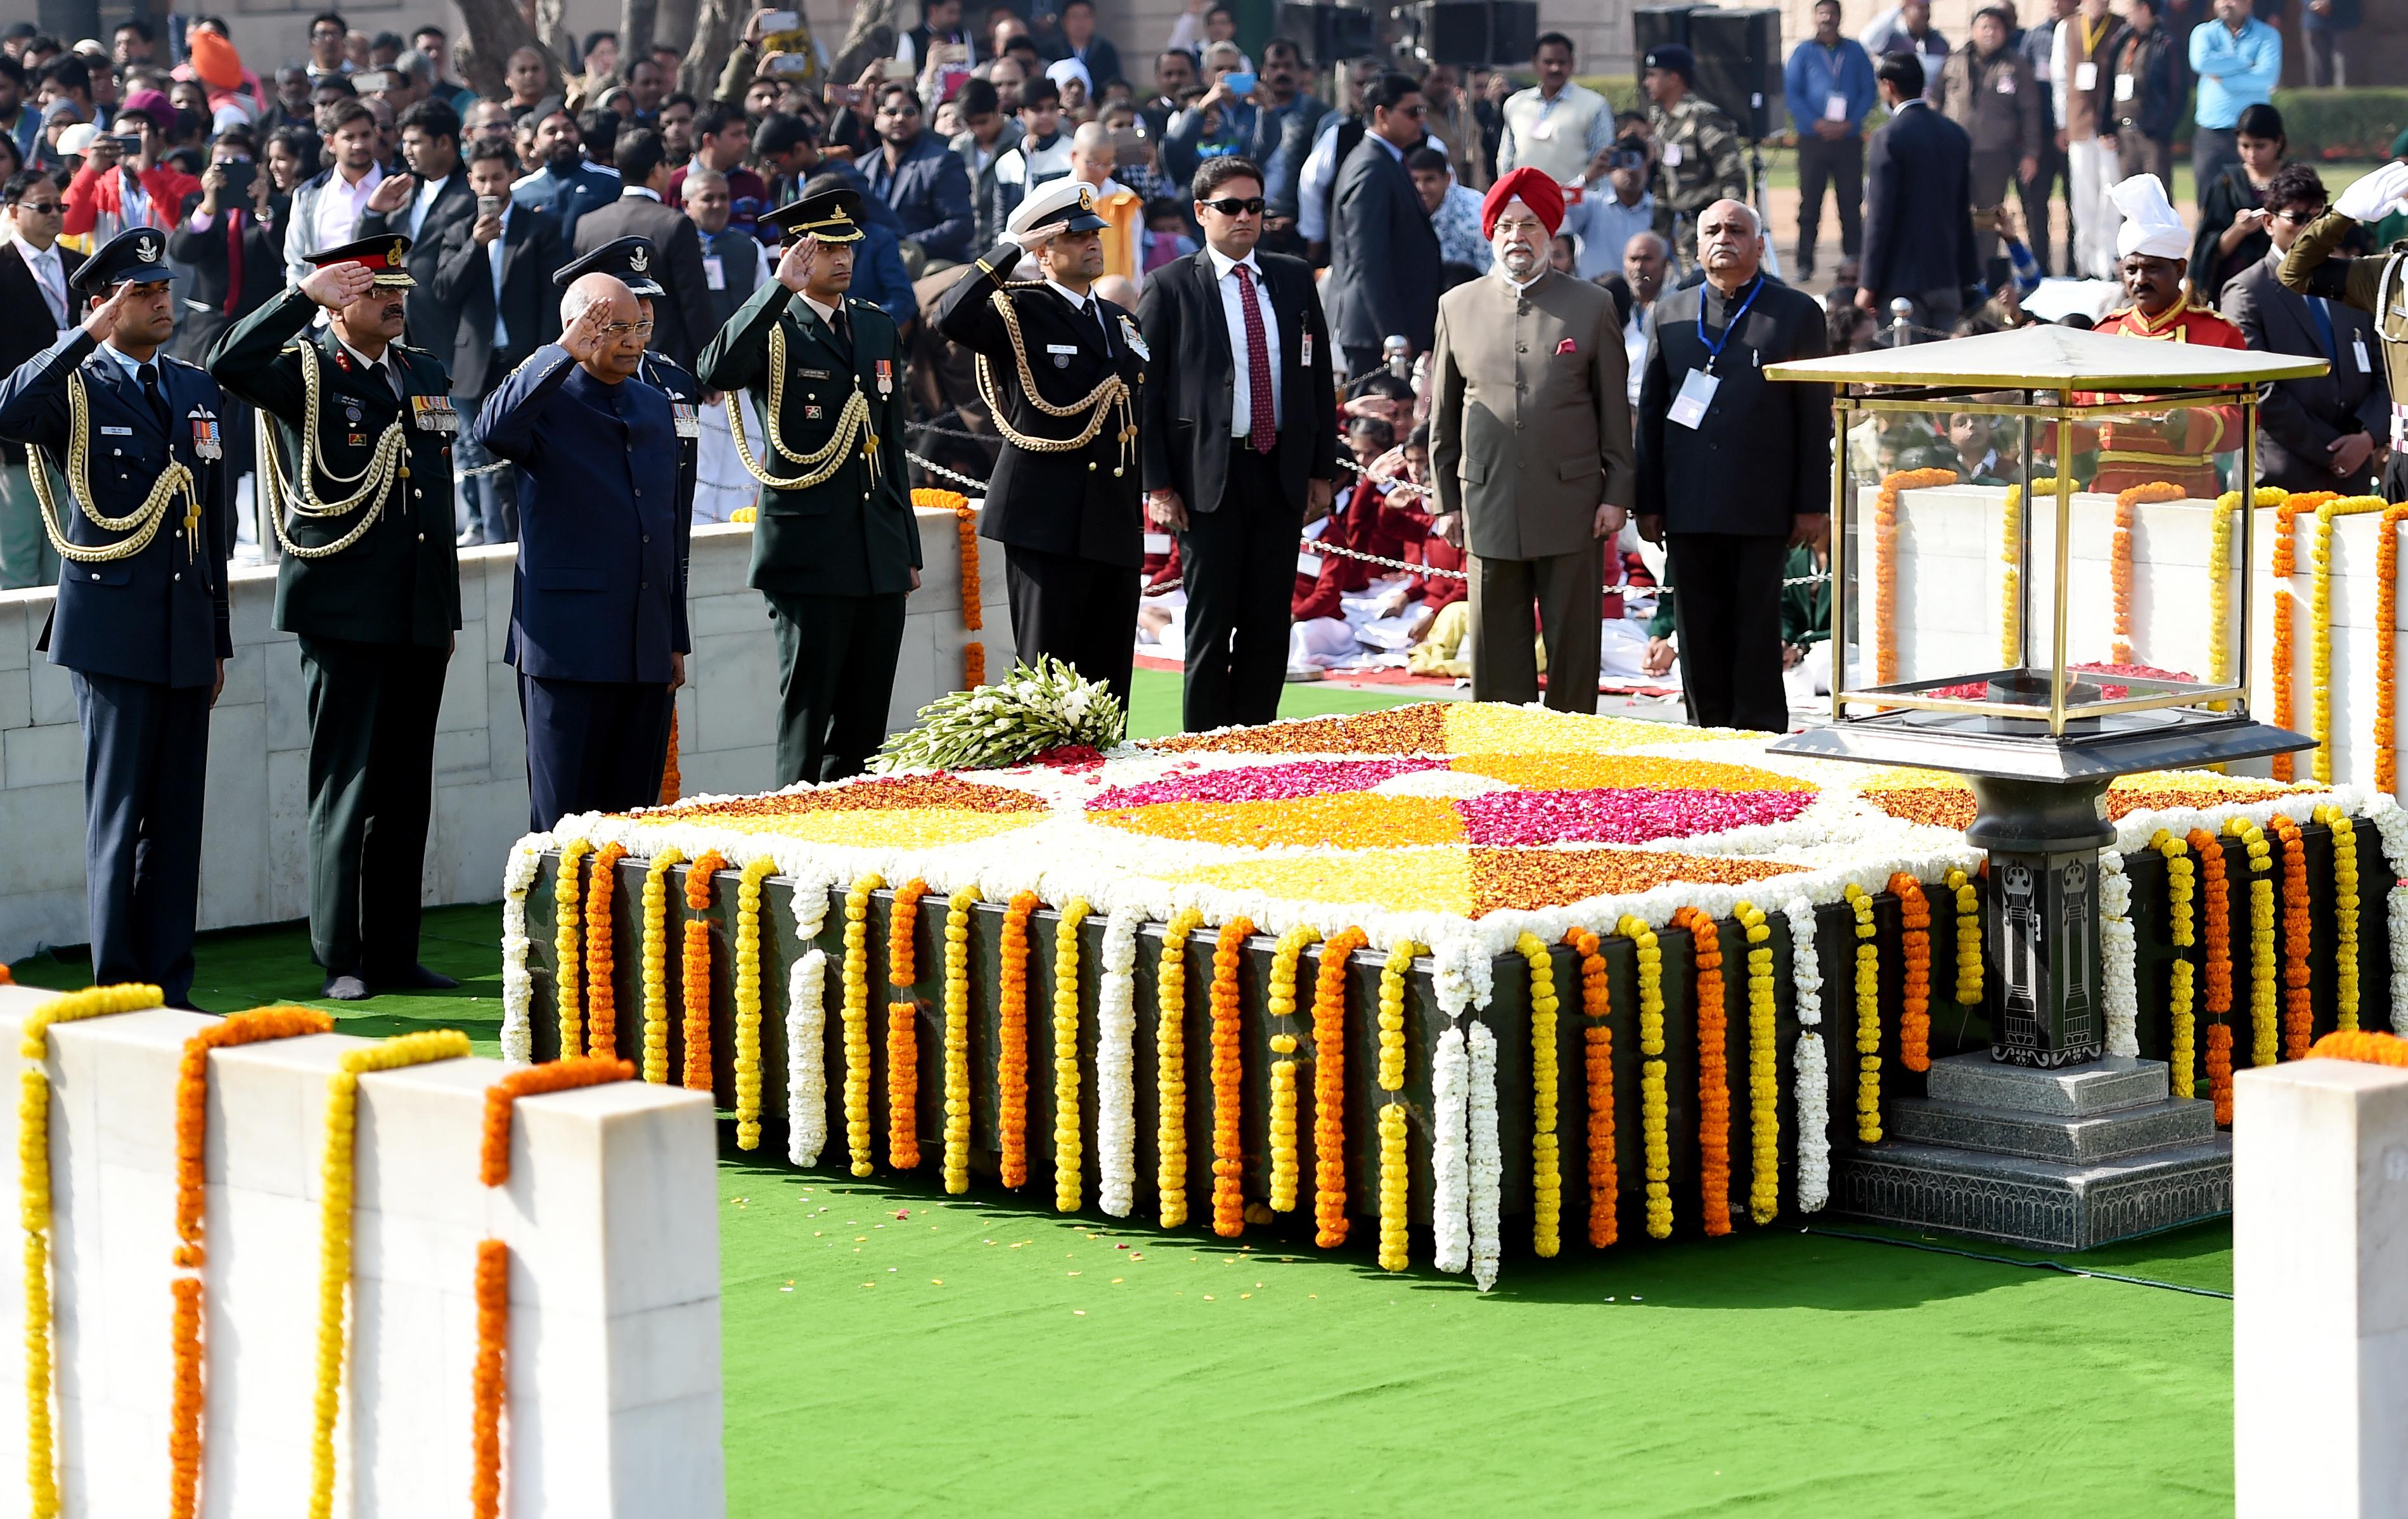 El presidente indioRam Nath Kovind en el homenaje en Nueva Delhi (AFP)